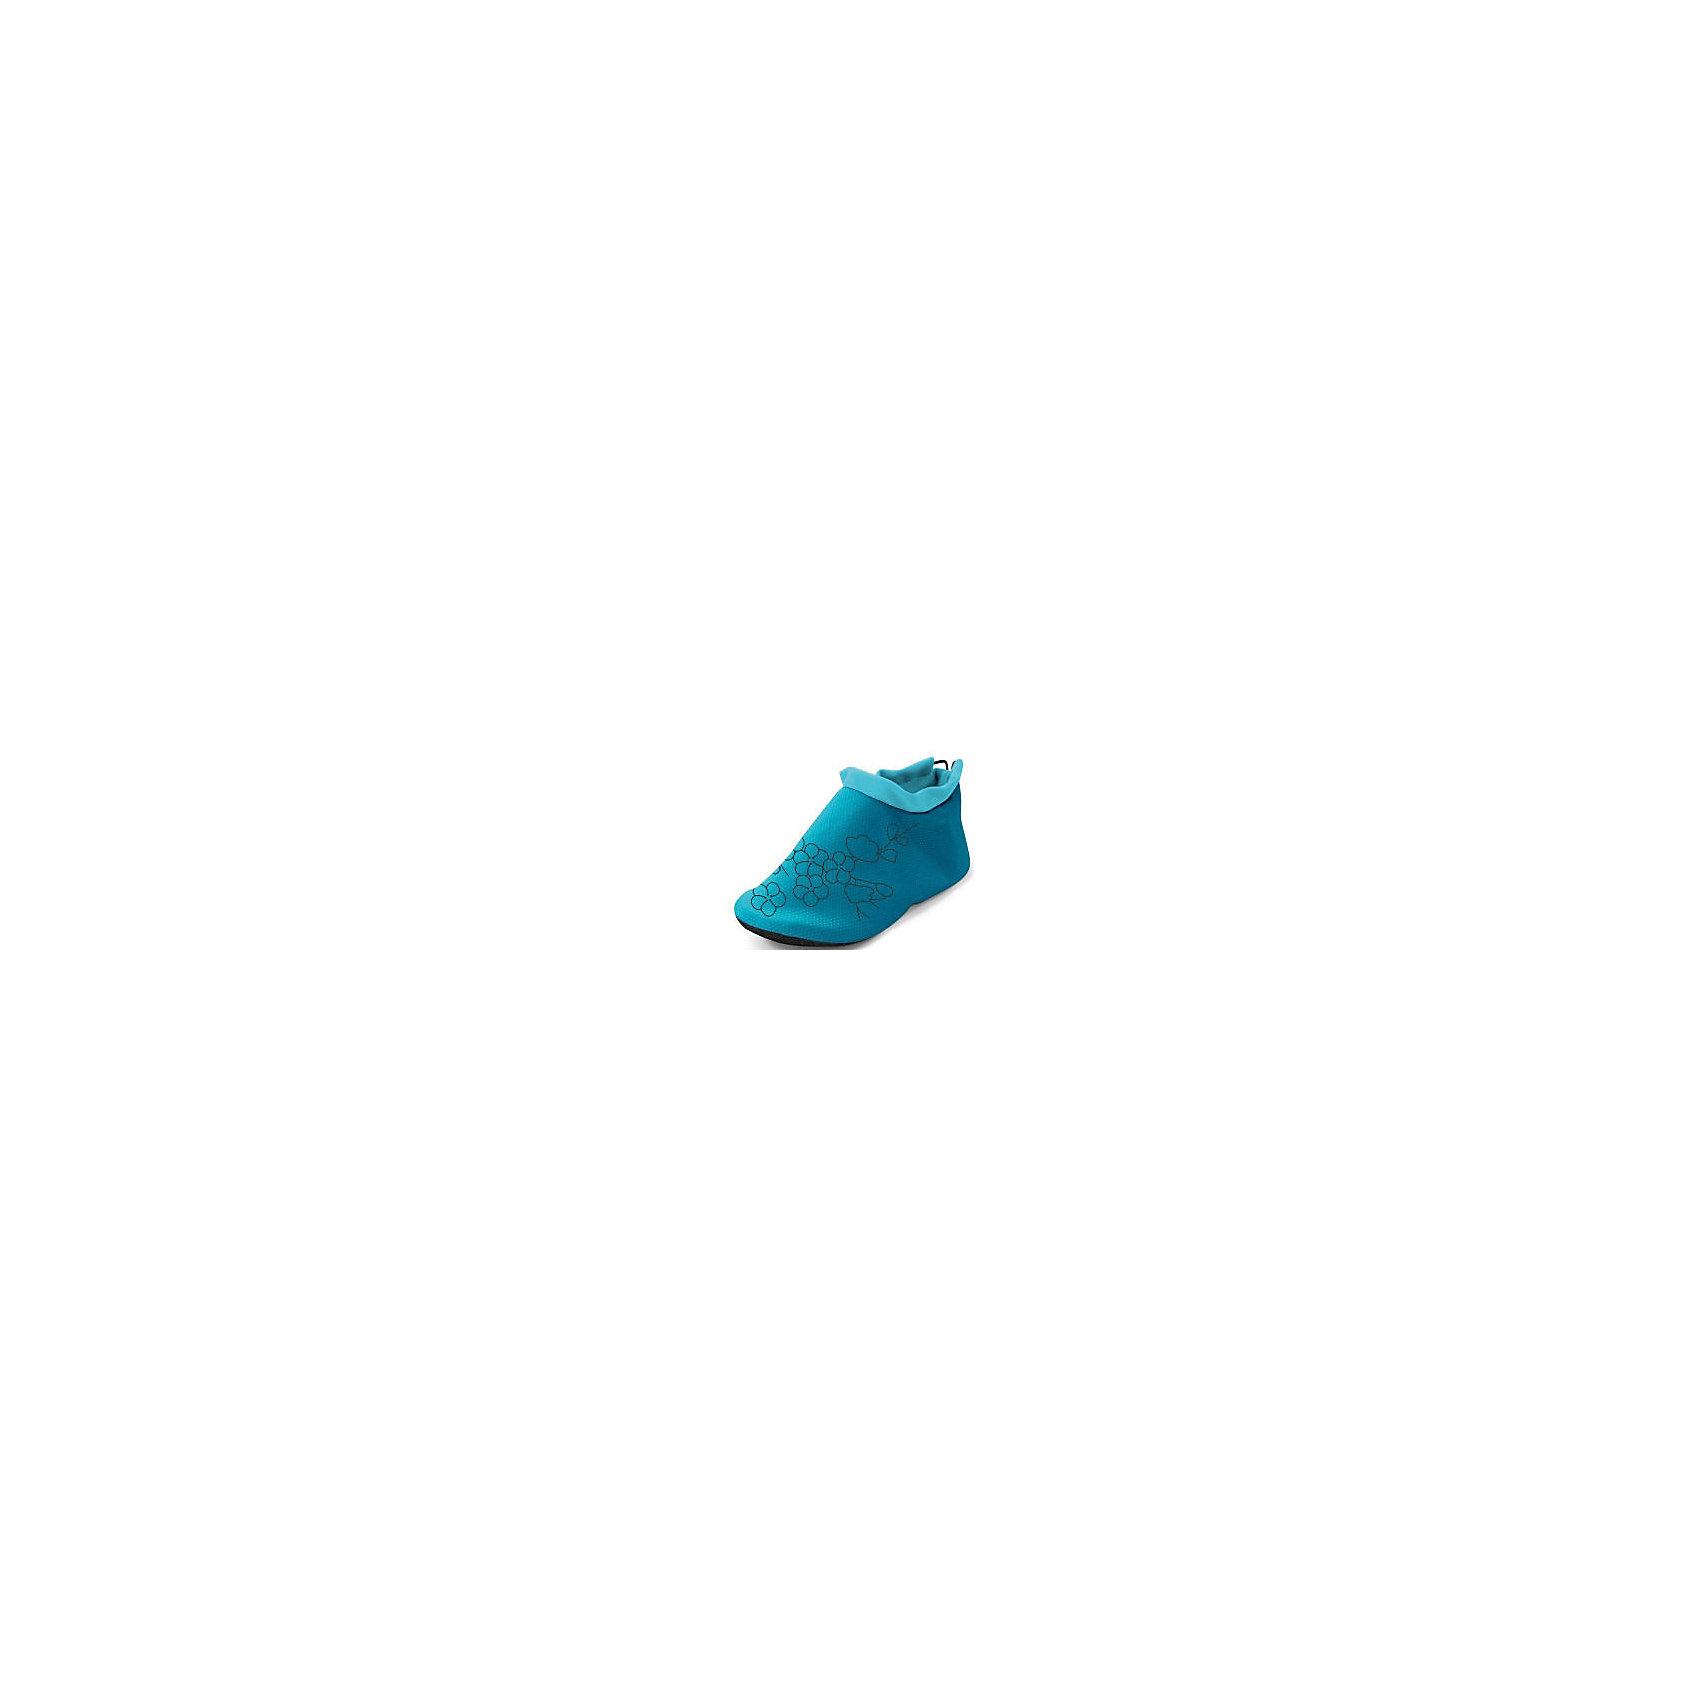 Бахилки детские для автомобиля 2105-2817, Welldon, Blue